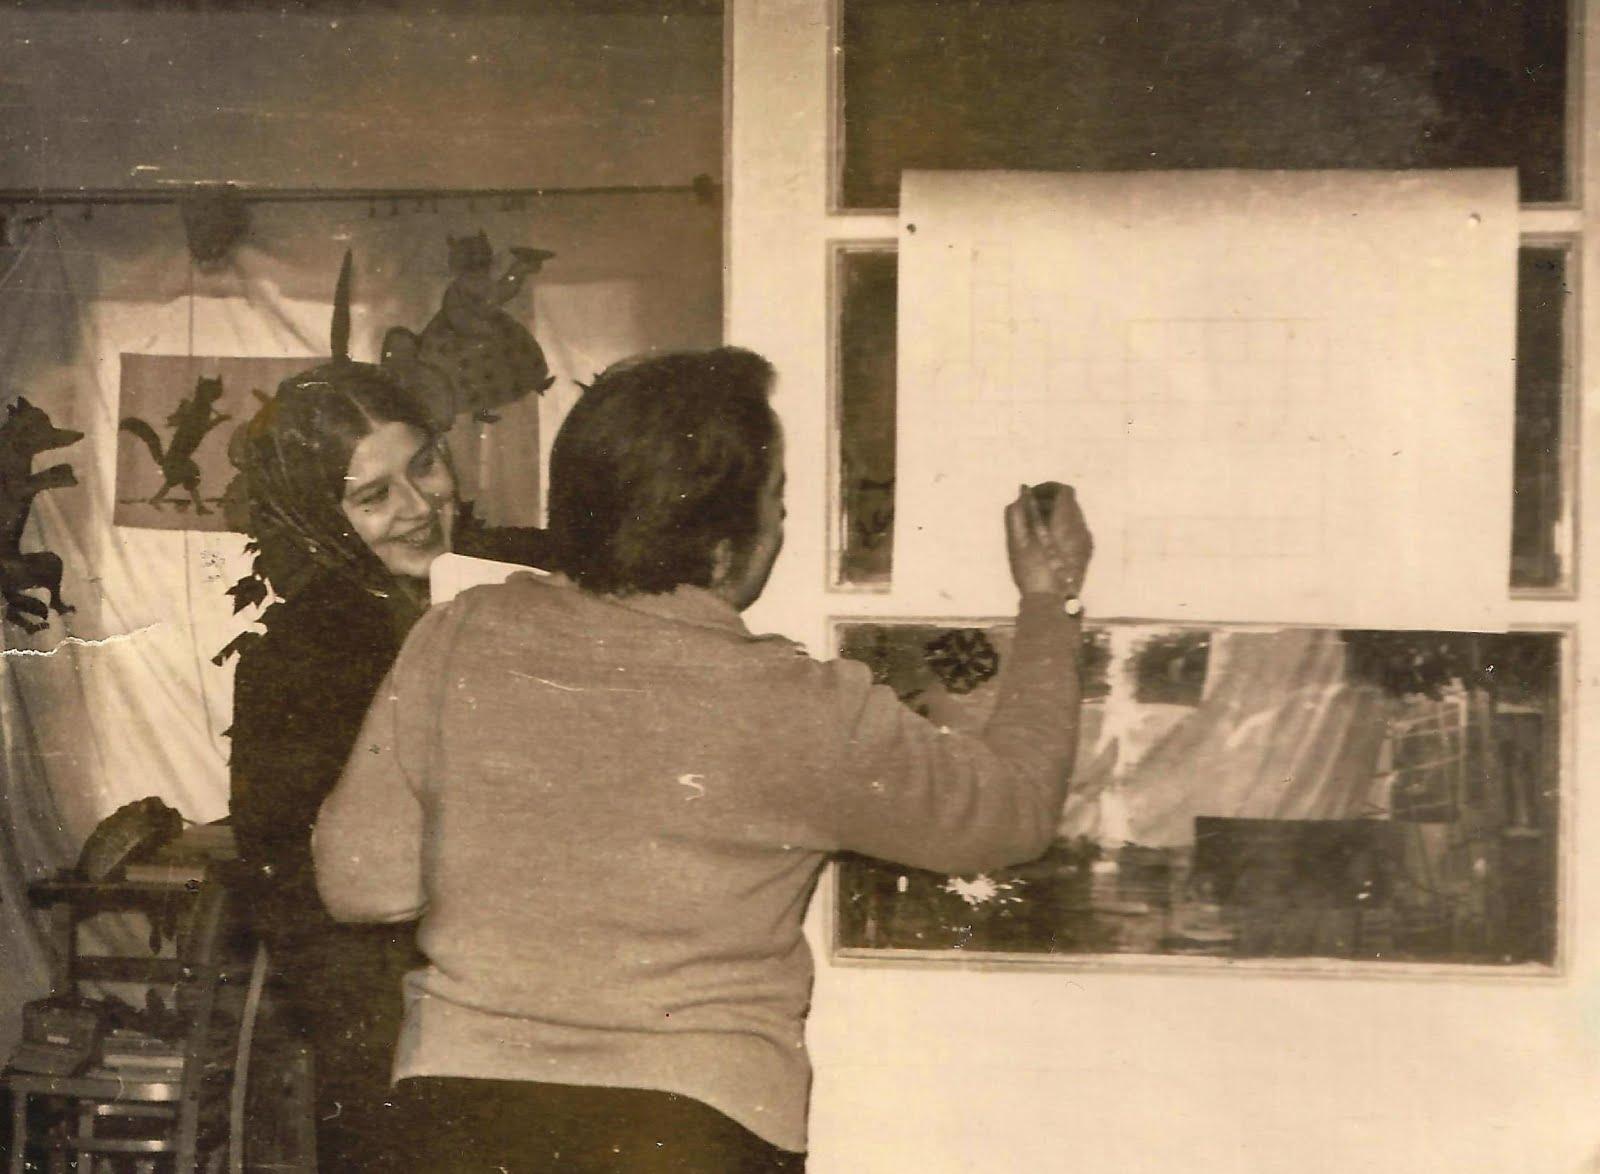 Pasaku pēcpusdiena bibliotēkas aktīvistiem. 1970-tie gadi